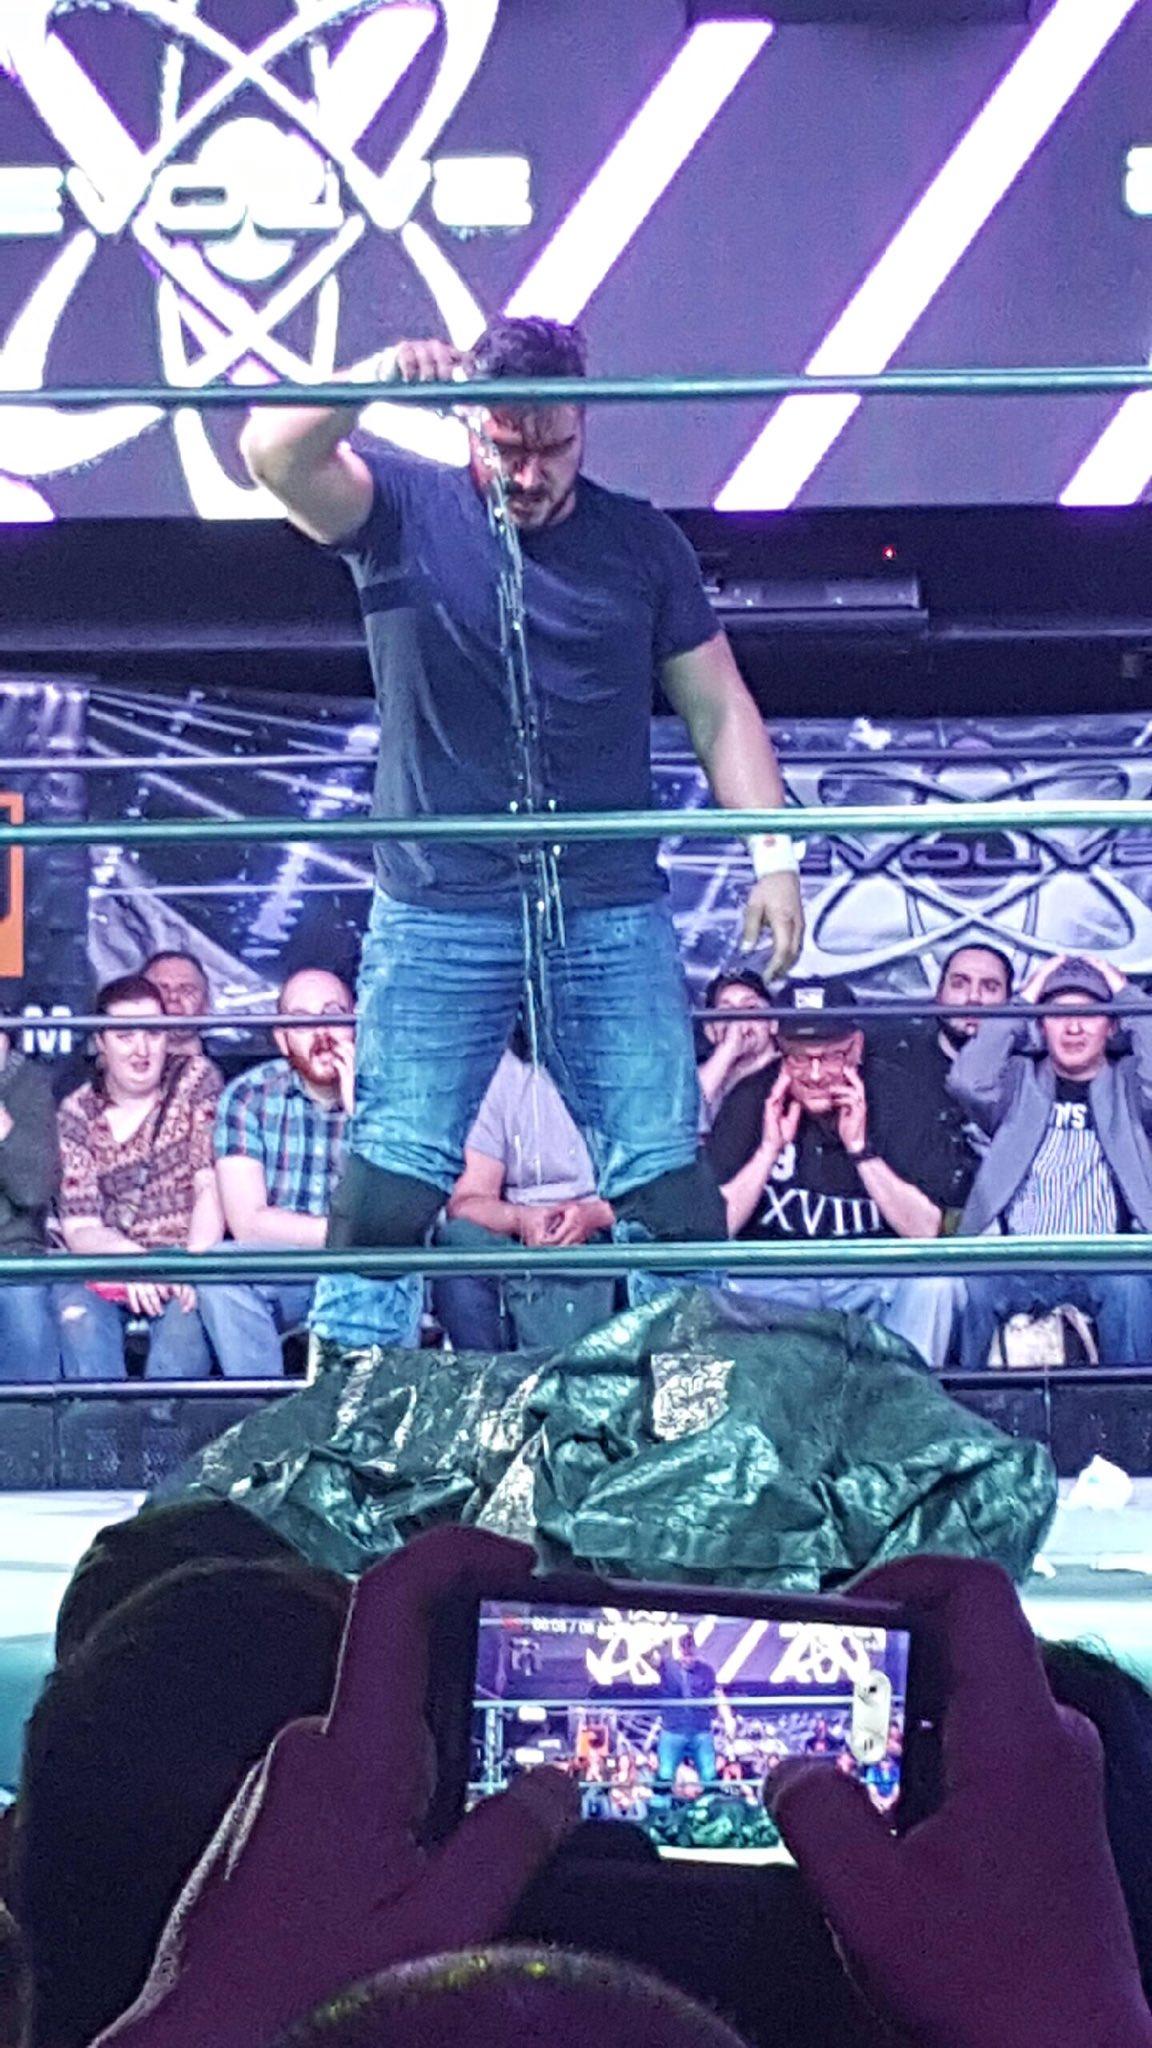 Resultados e imágenes de EVOLVE 82 - ¡Ethan Page envía a Darby Allin de vuelta al hospital! 3